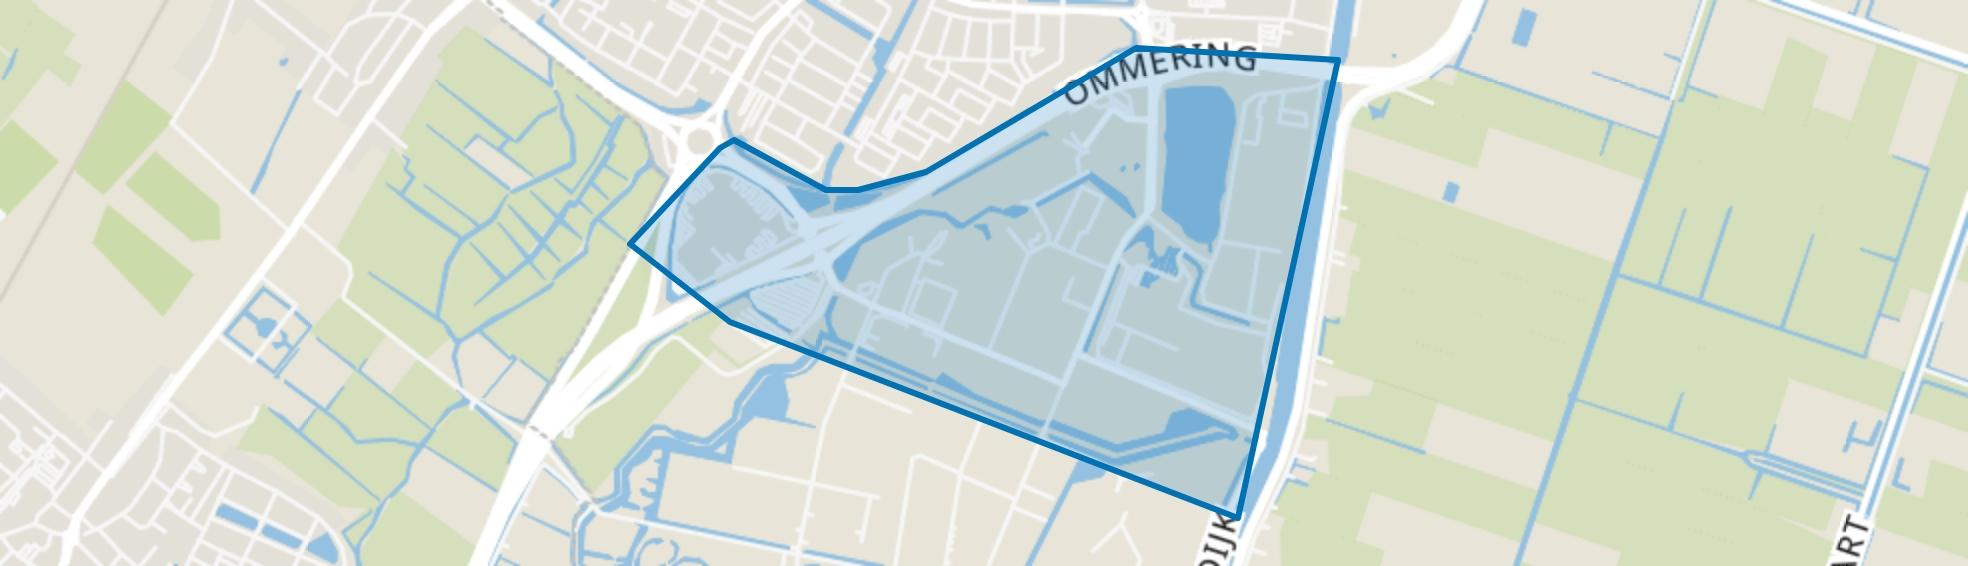 Boekelermeer-Noord, Alkmaar map